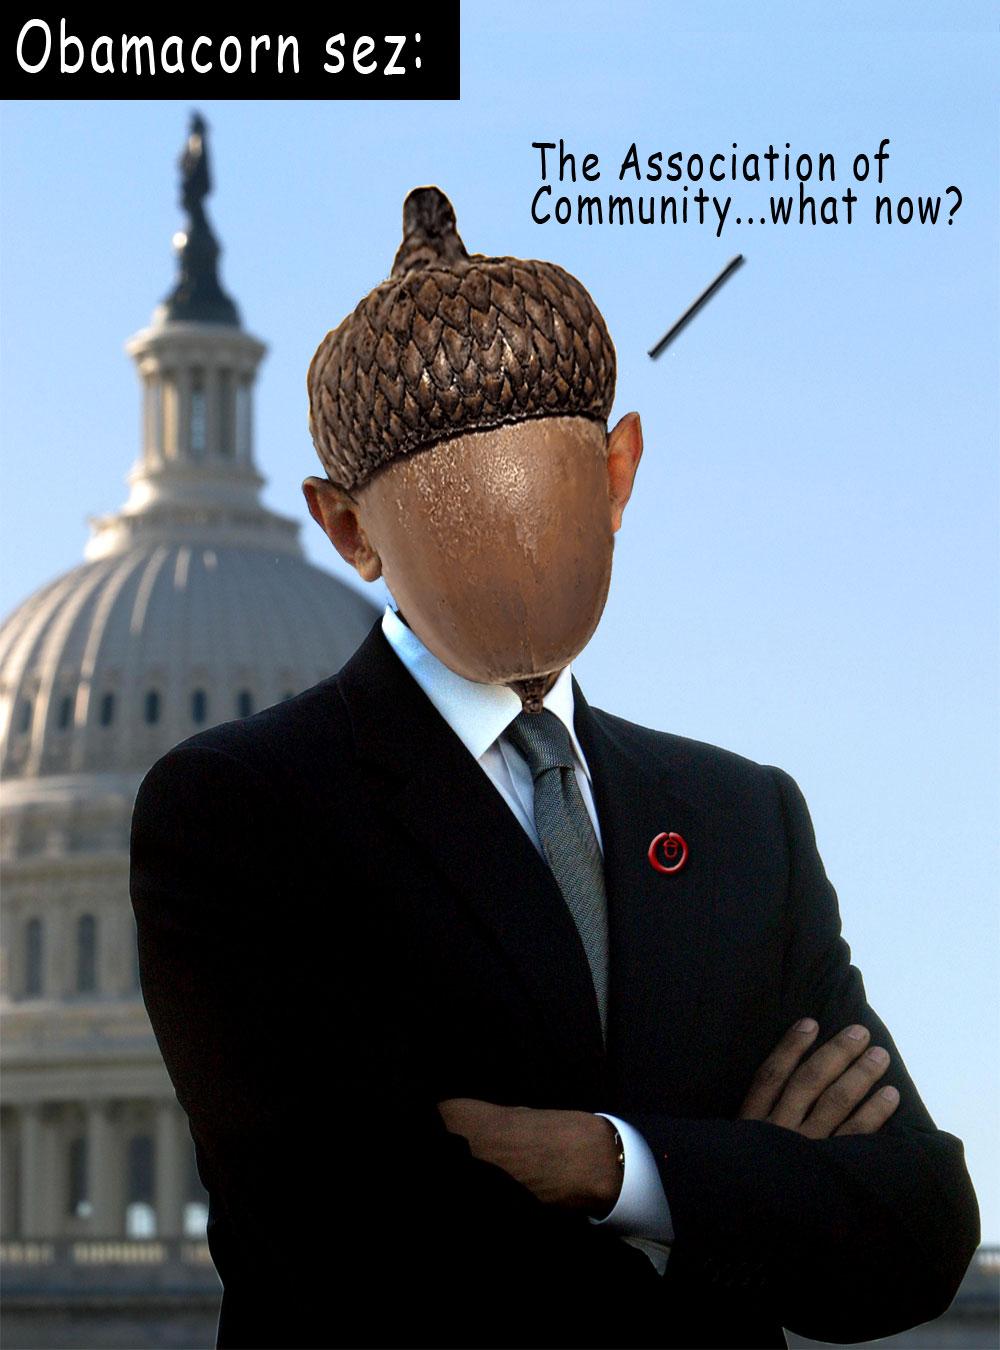 obamacornlg